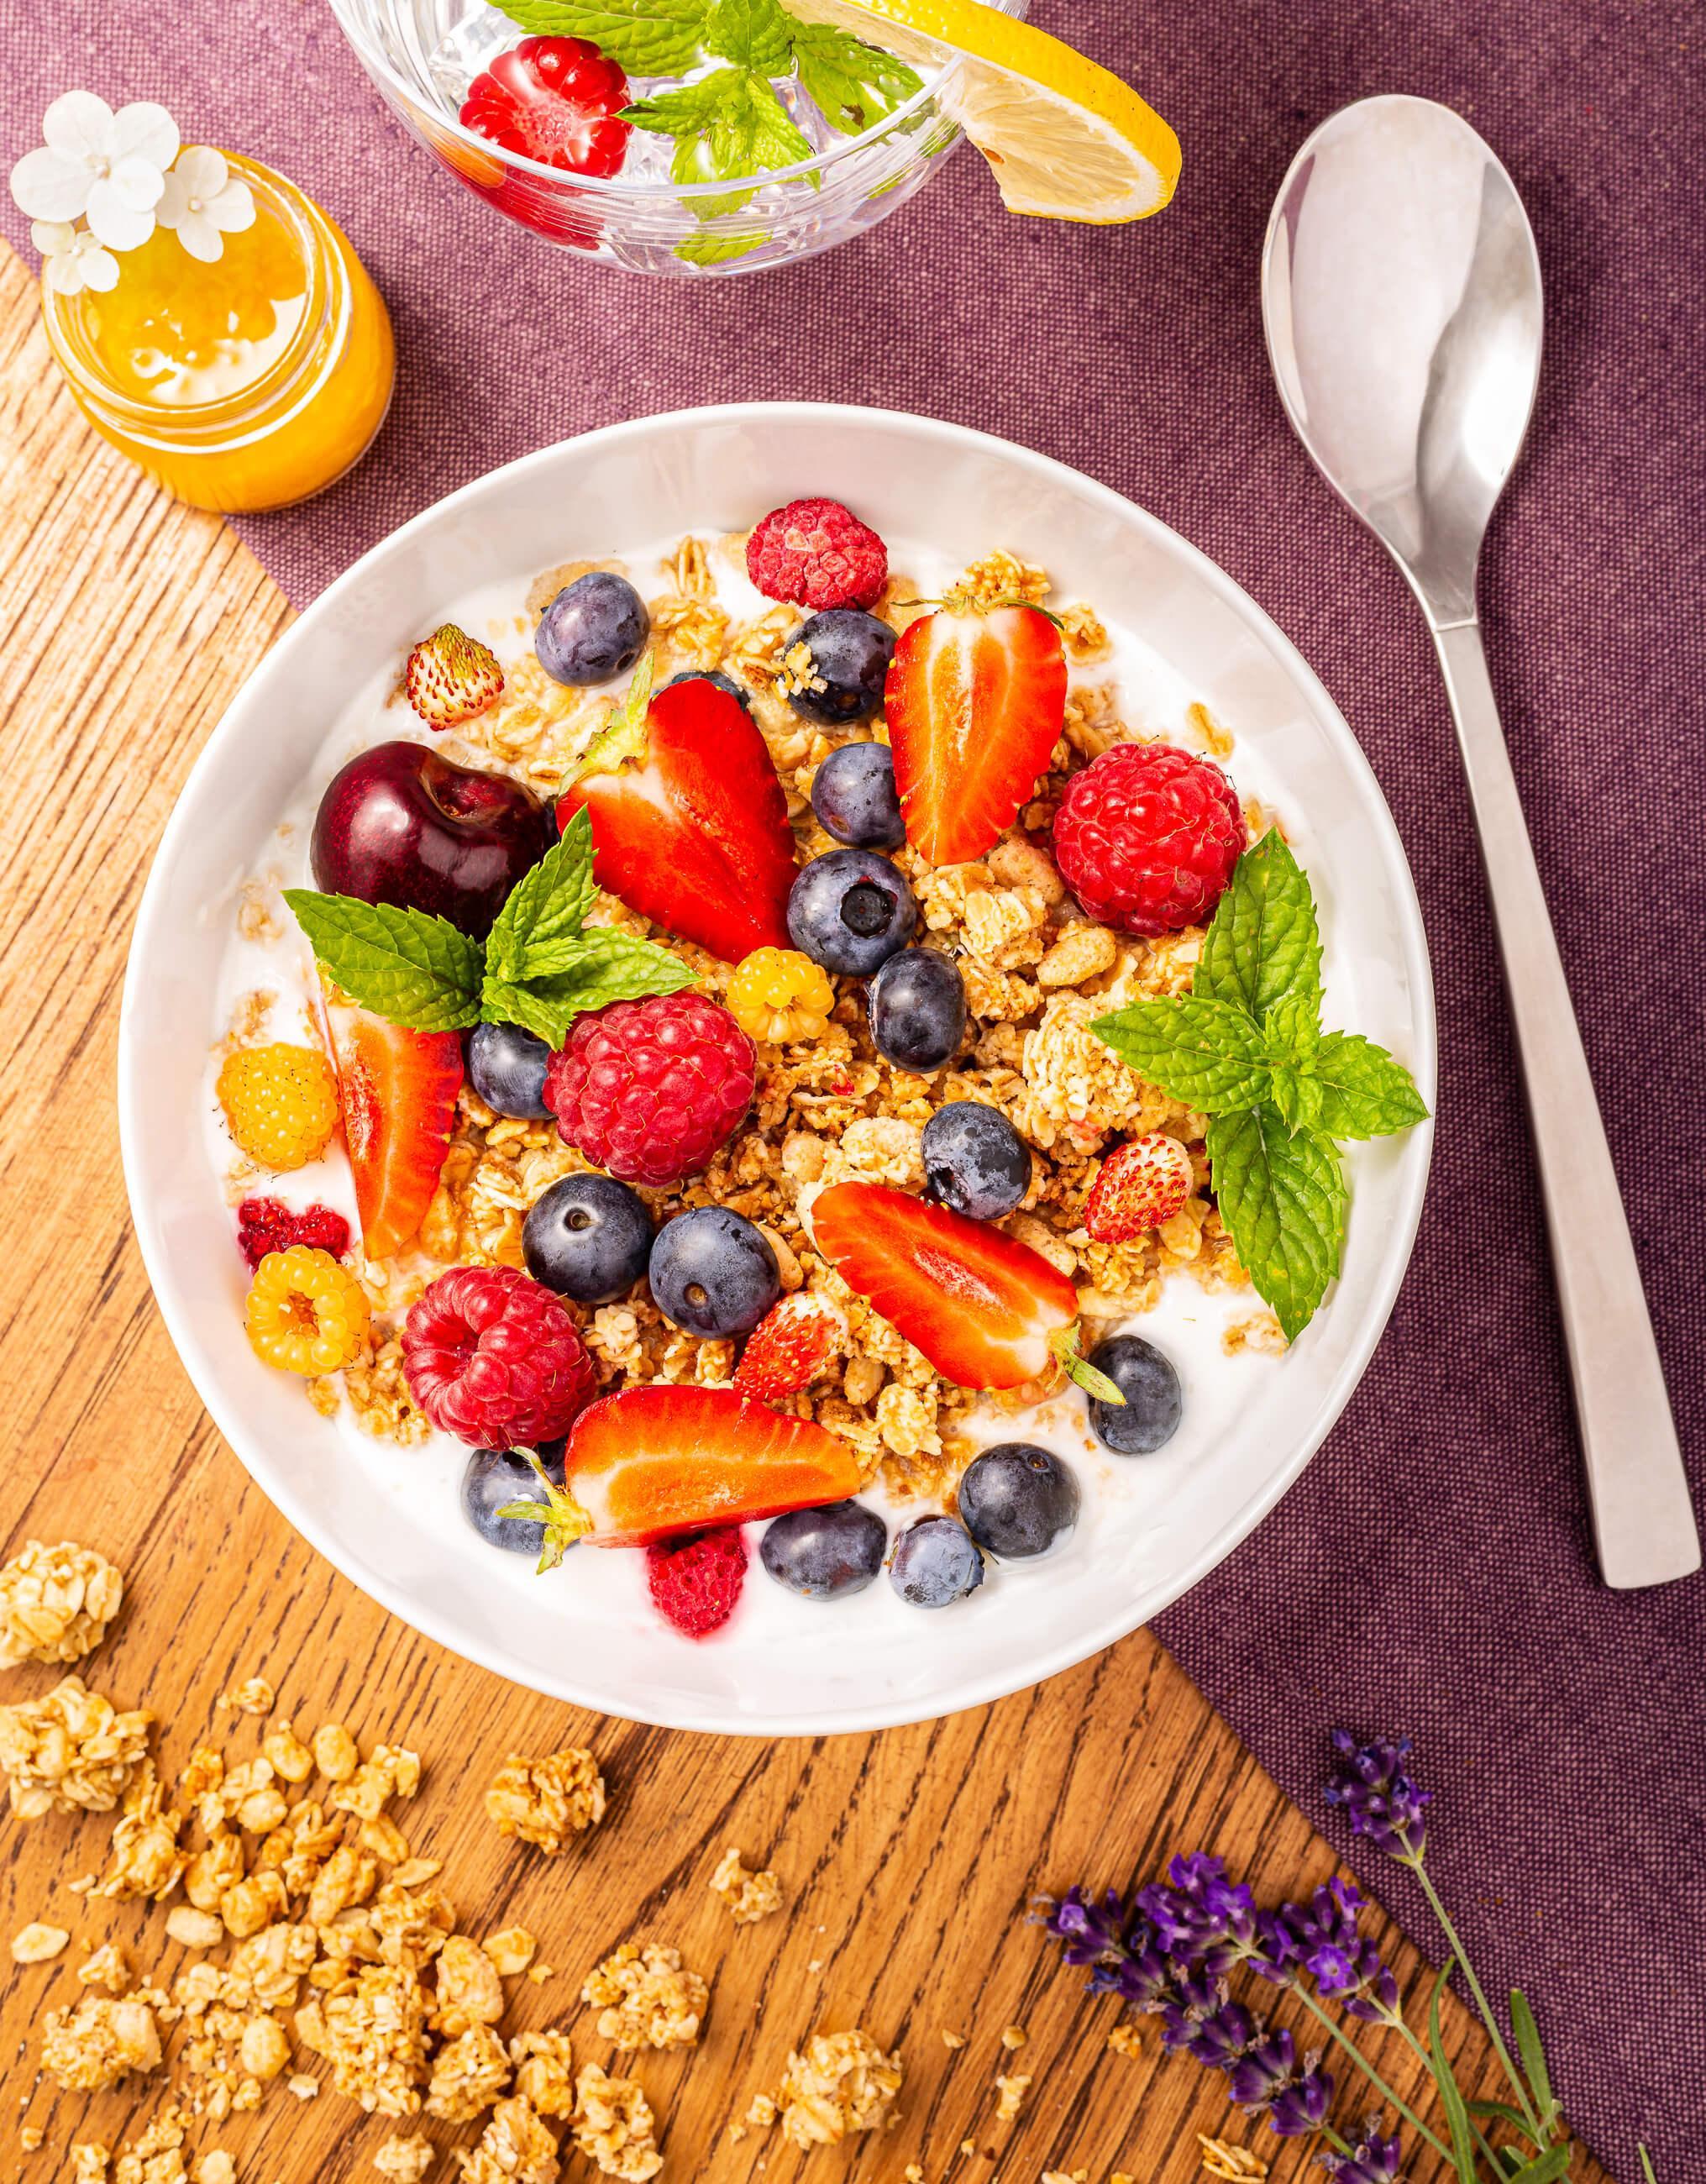 Zdjęcie kulinarne - miska musli ze świeżymi owocami